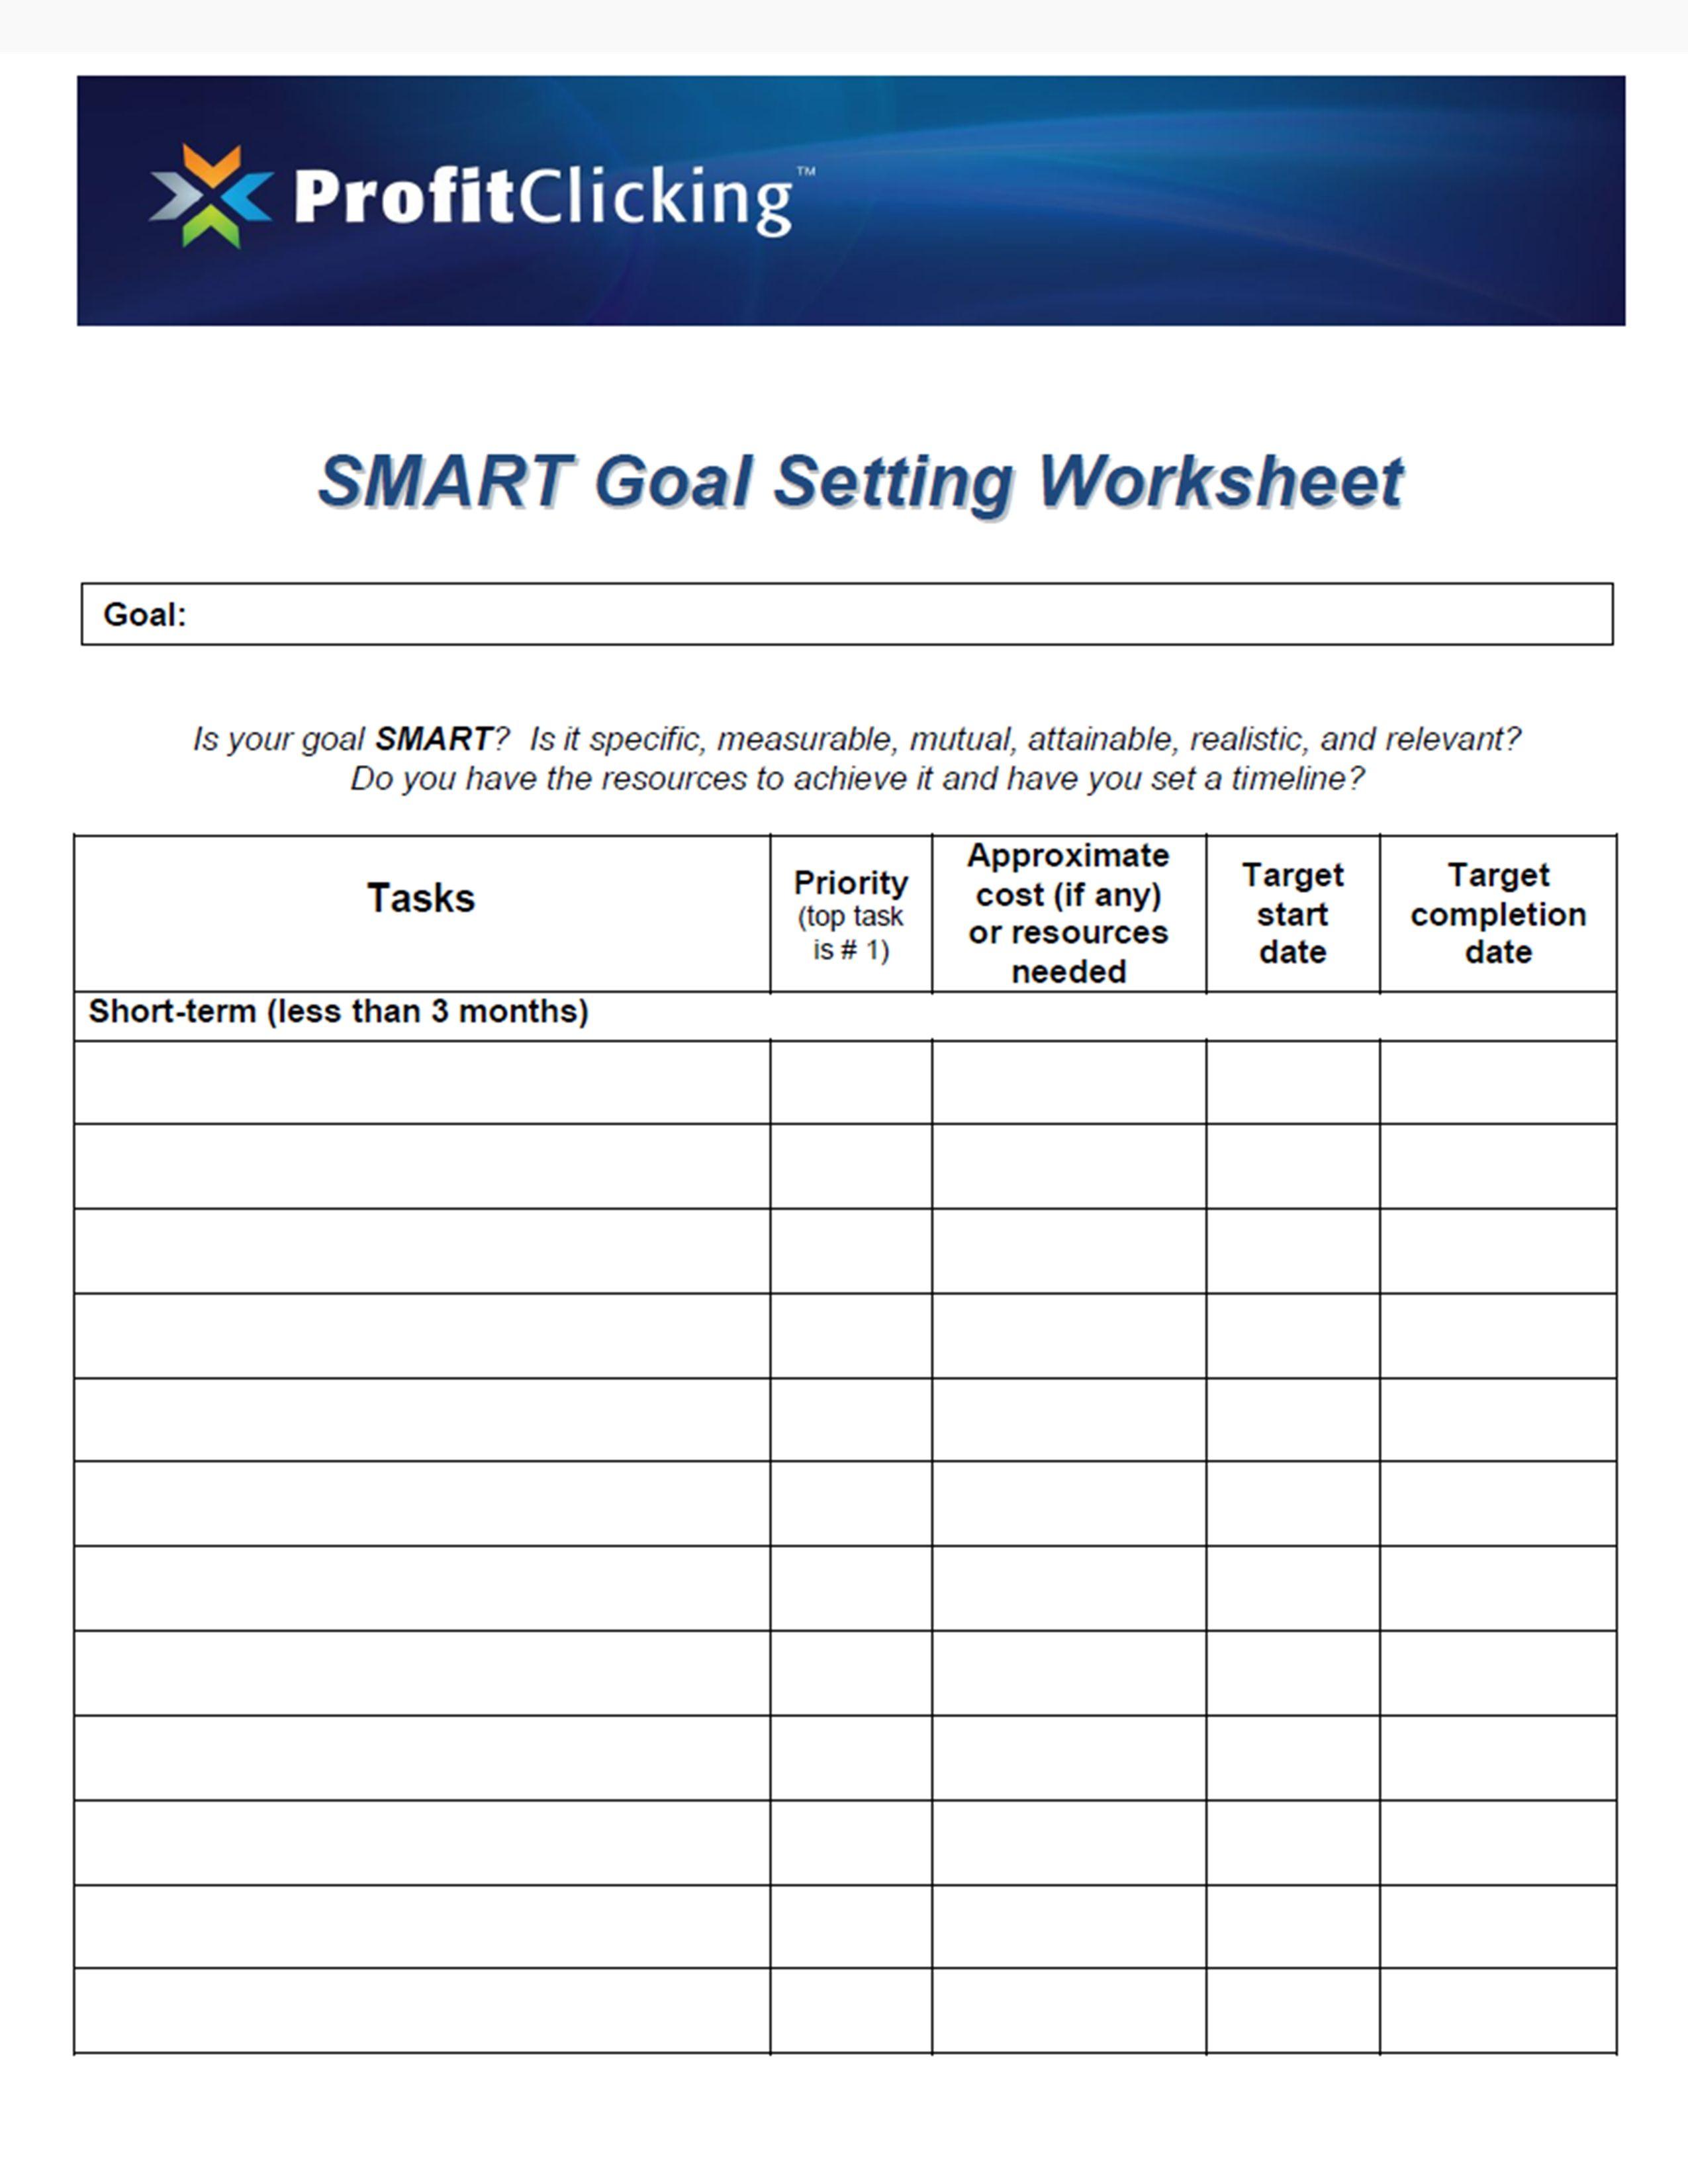 Smart Goals Worksheet 1 | Goals | Pinterest | Smart goals ...